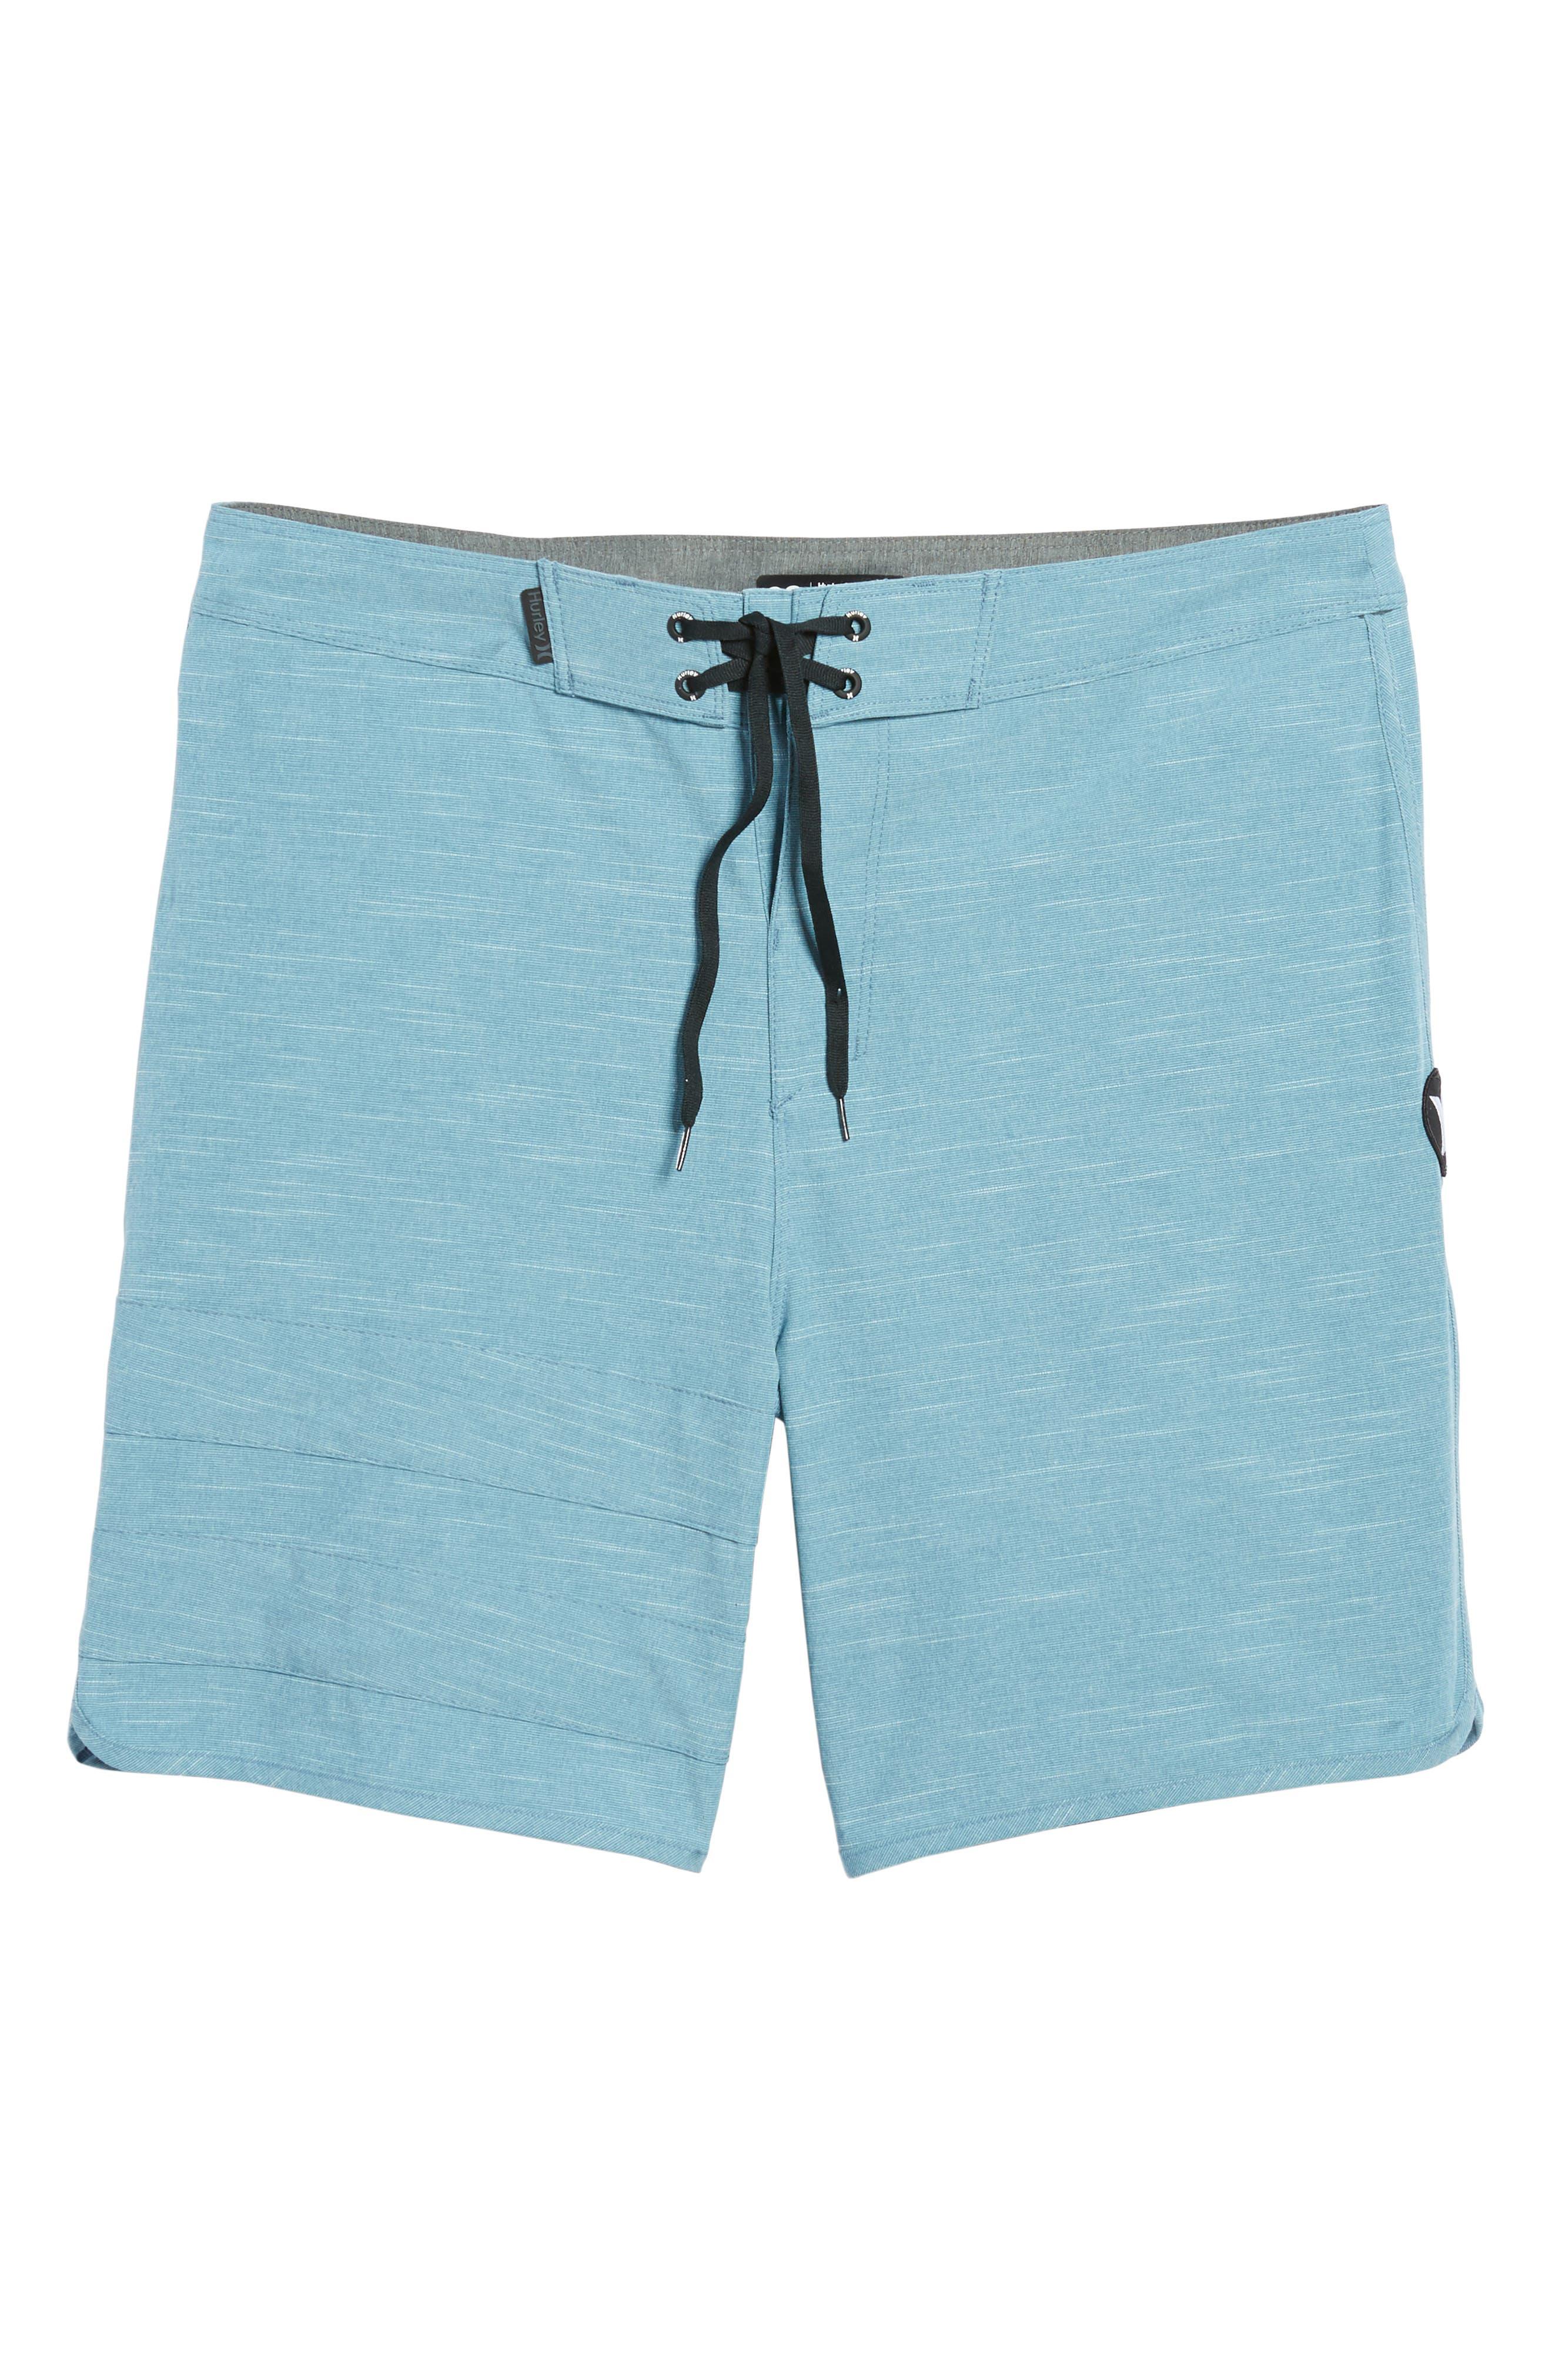 Shoreside Board Shorts,                             Alternate thumbnail 6, color,                             Ocean Bliss